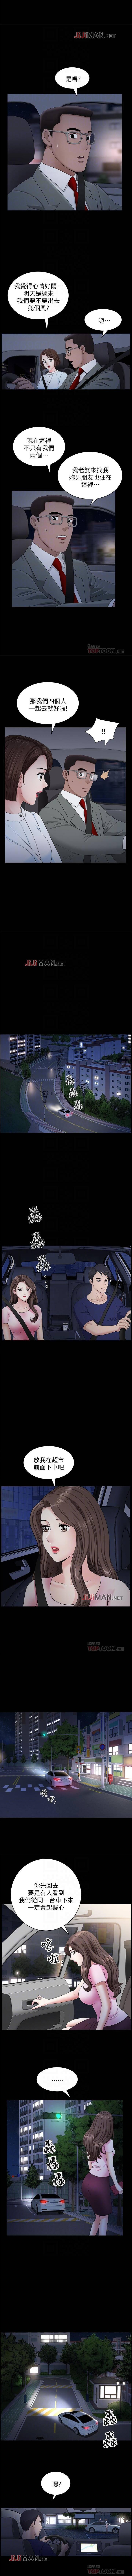 【周日连载】双妻生活(作者:skyso) 第1~23话 121